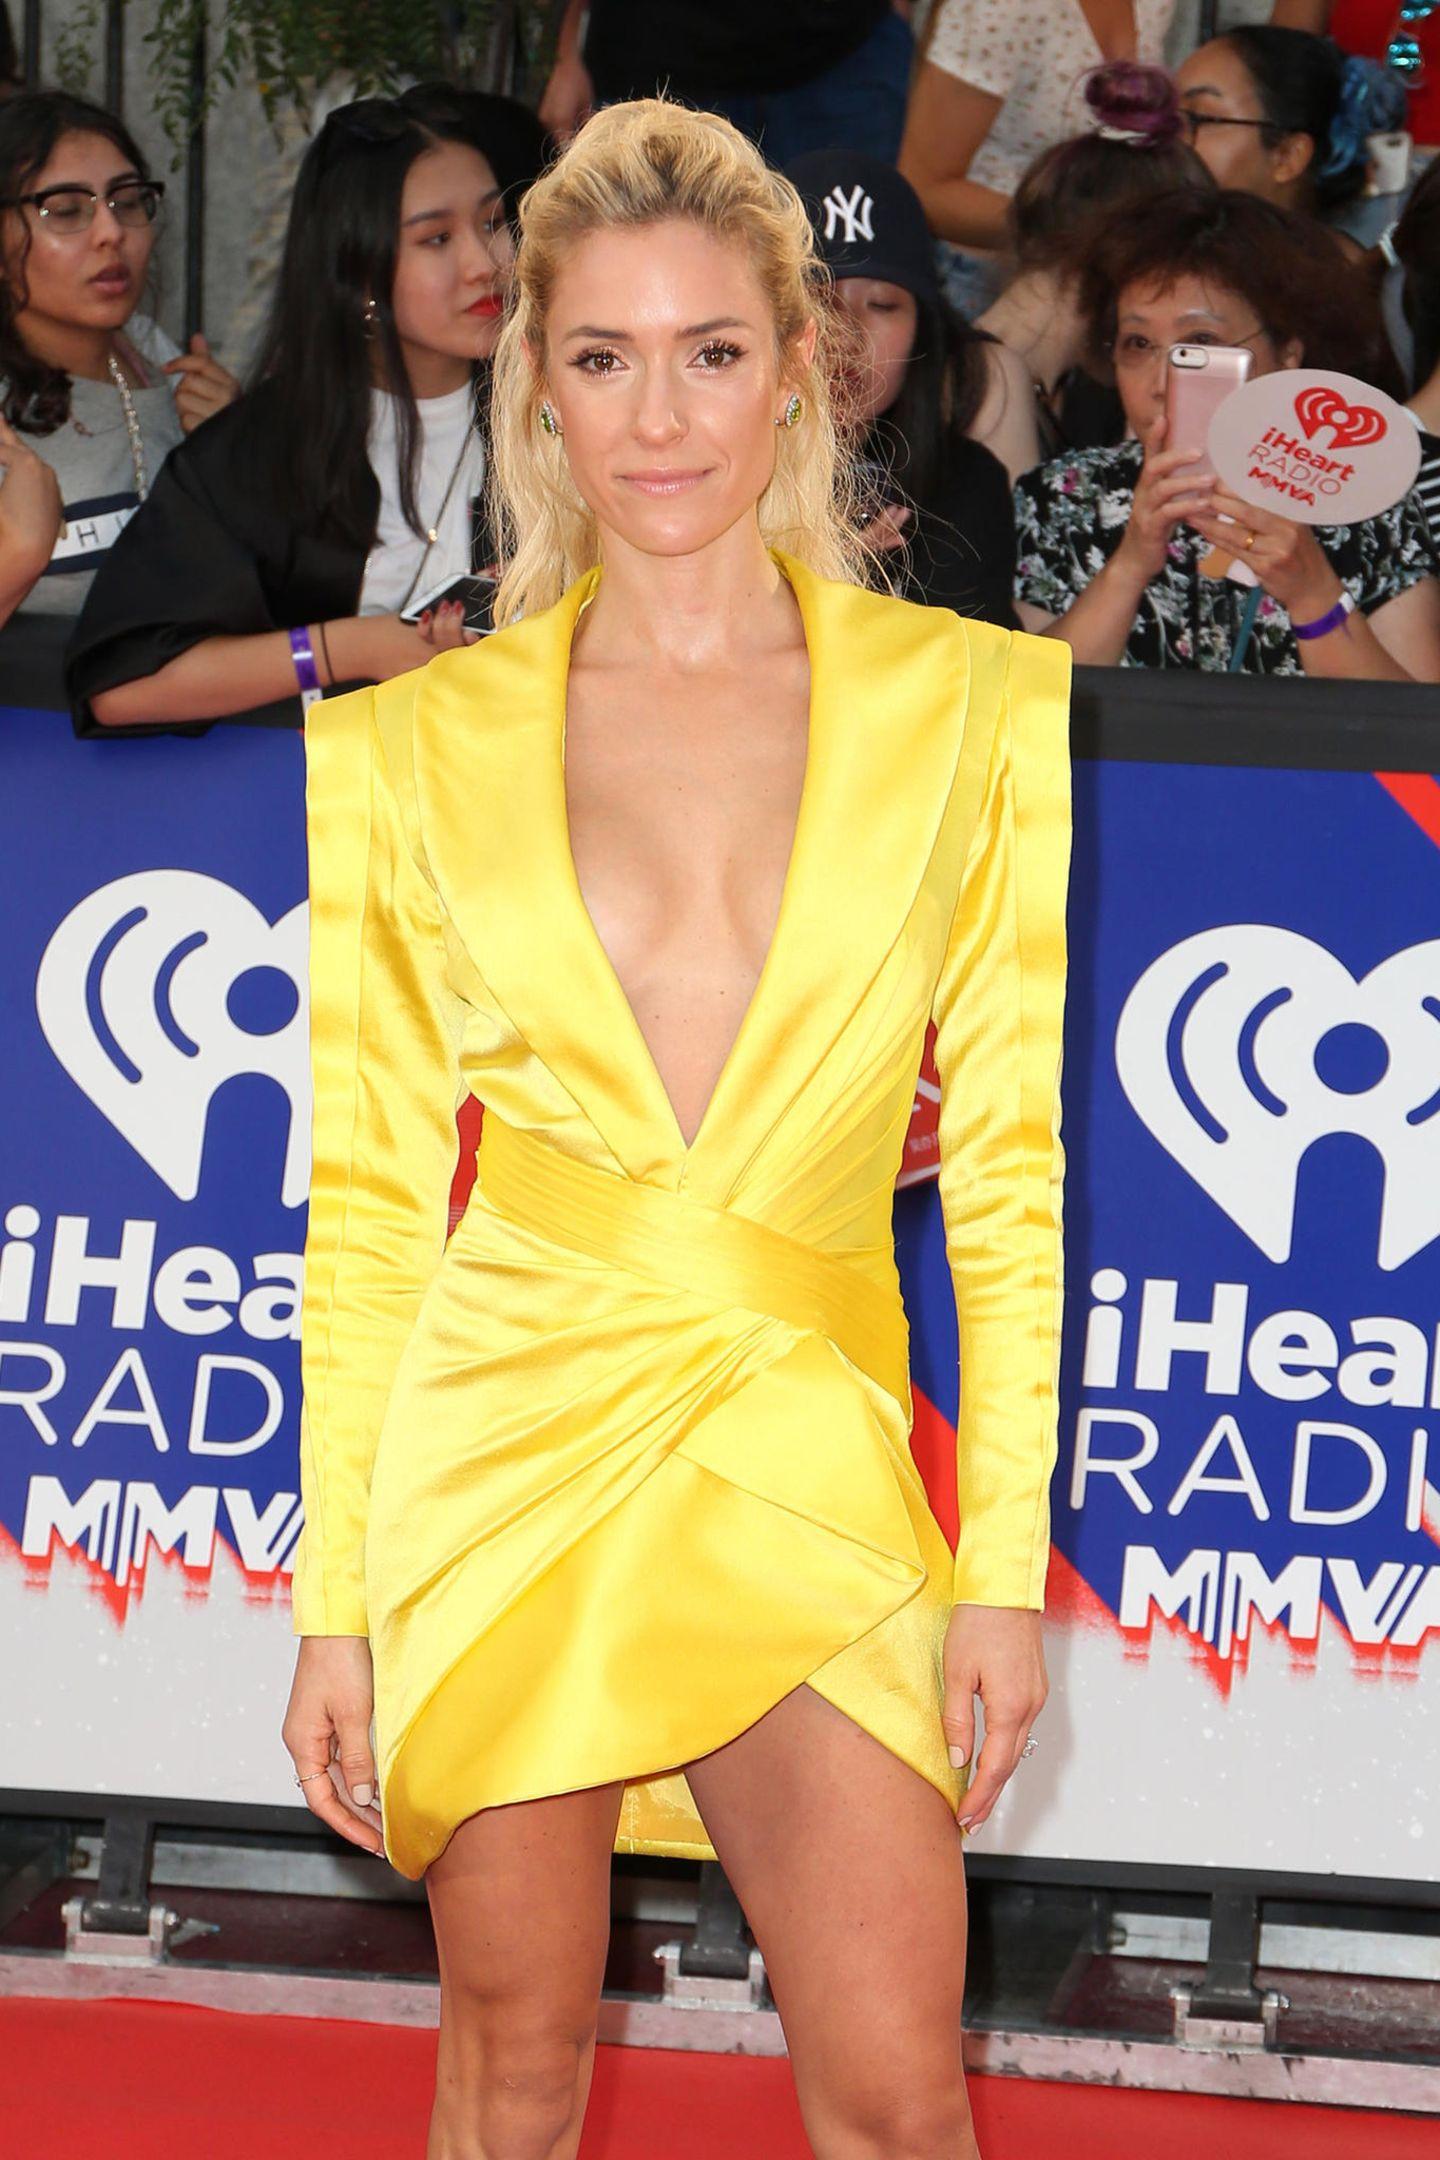 TV-Star Kristin Cavallari war sicherlich bewusst, dass sie in diesem knallgelben Kleid mit Mega-Ausschnitt alle Blicke auf sich zieht. Trotzdem scheint sie eine Sache nicht bedacht zu haben...